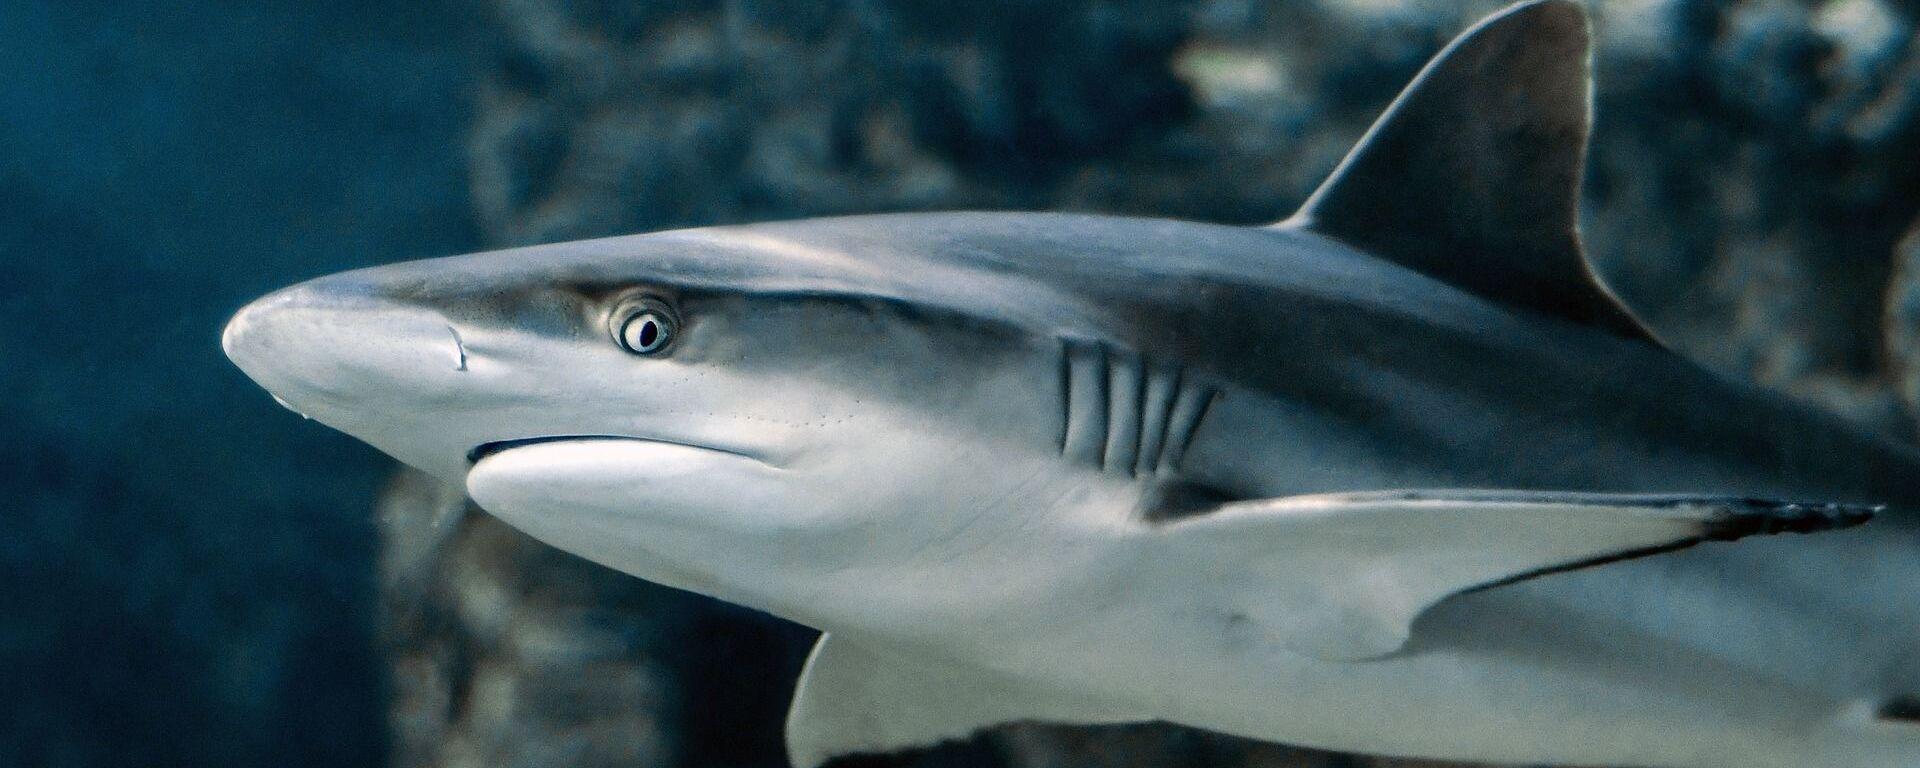 Un tiburón. Imagen referencial - Sputnik Mundo, 1920, 17.04.2021